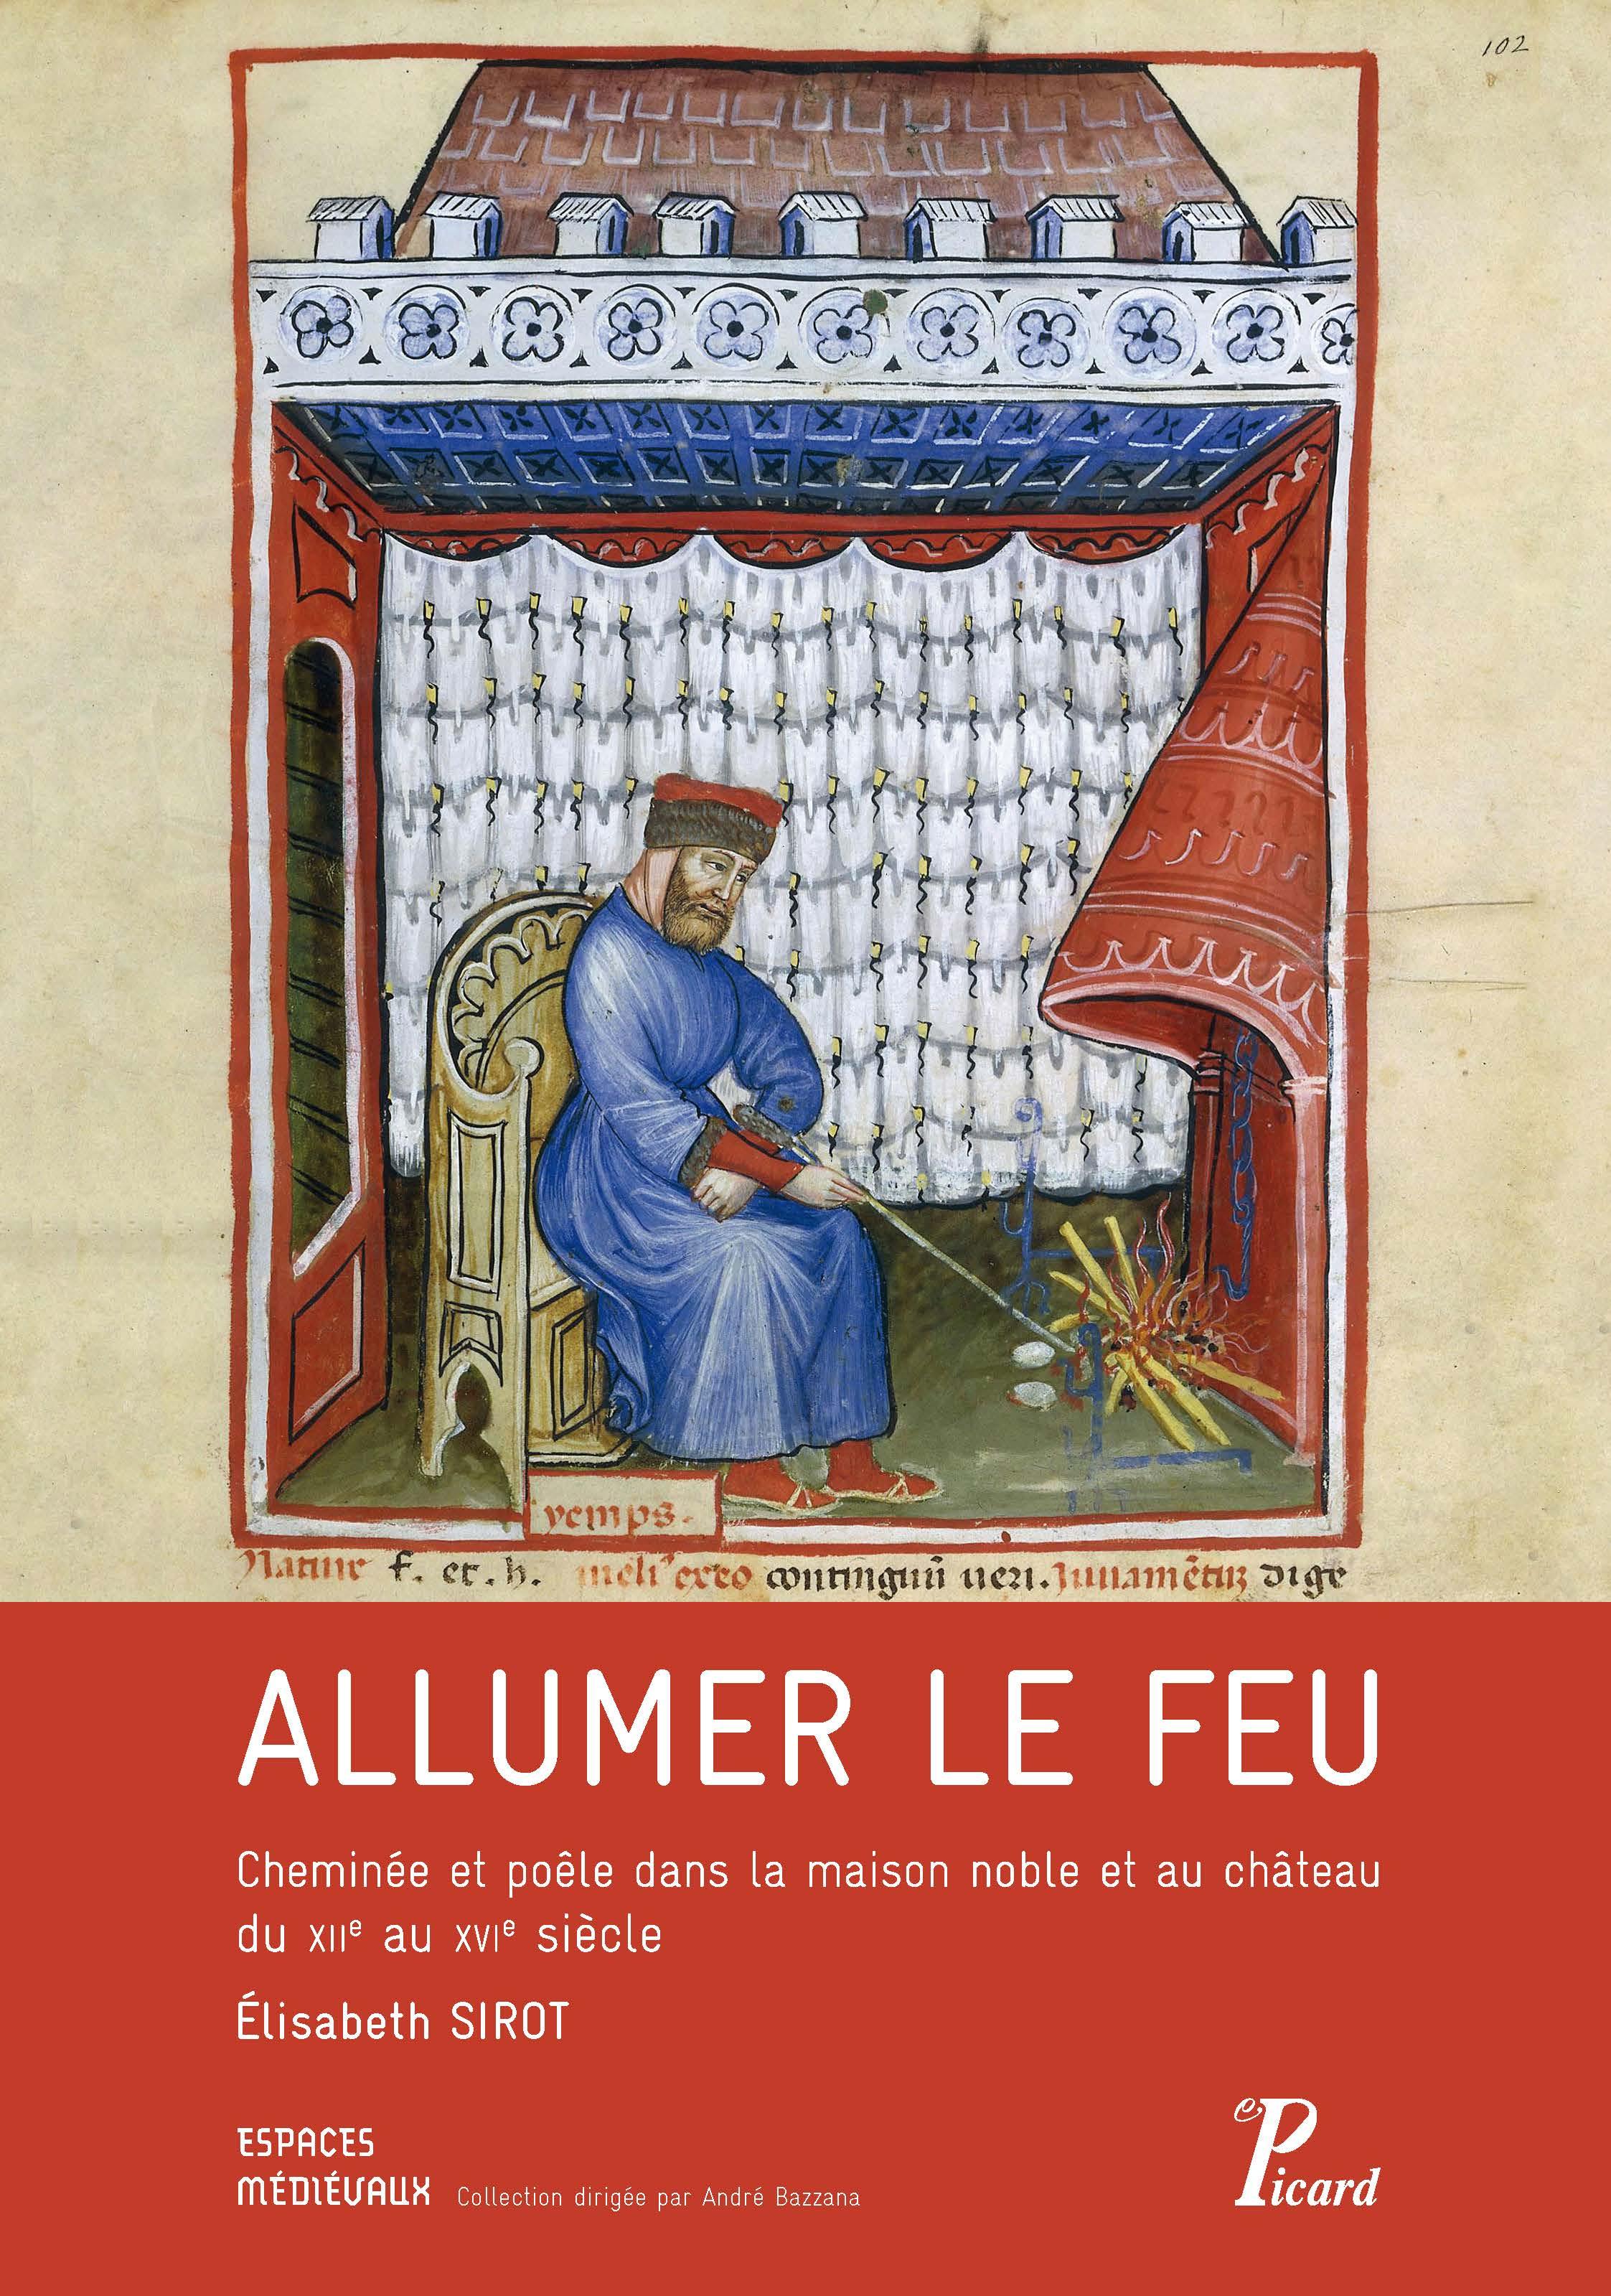 [livre] Allumer le feu - Cheminée et poêle dans la maison noble et au château du XIIe au XVIe siècle  9782708409071